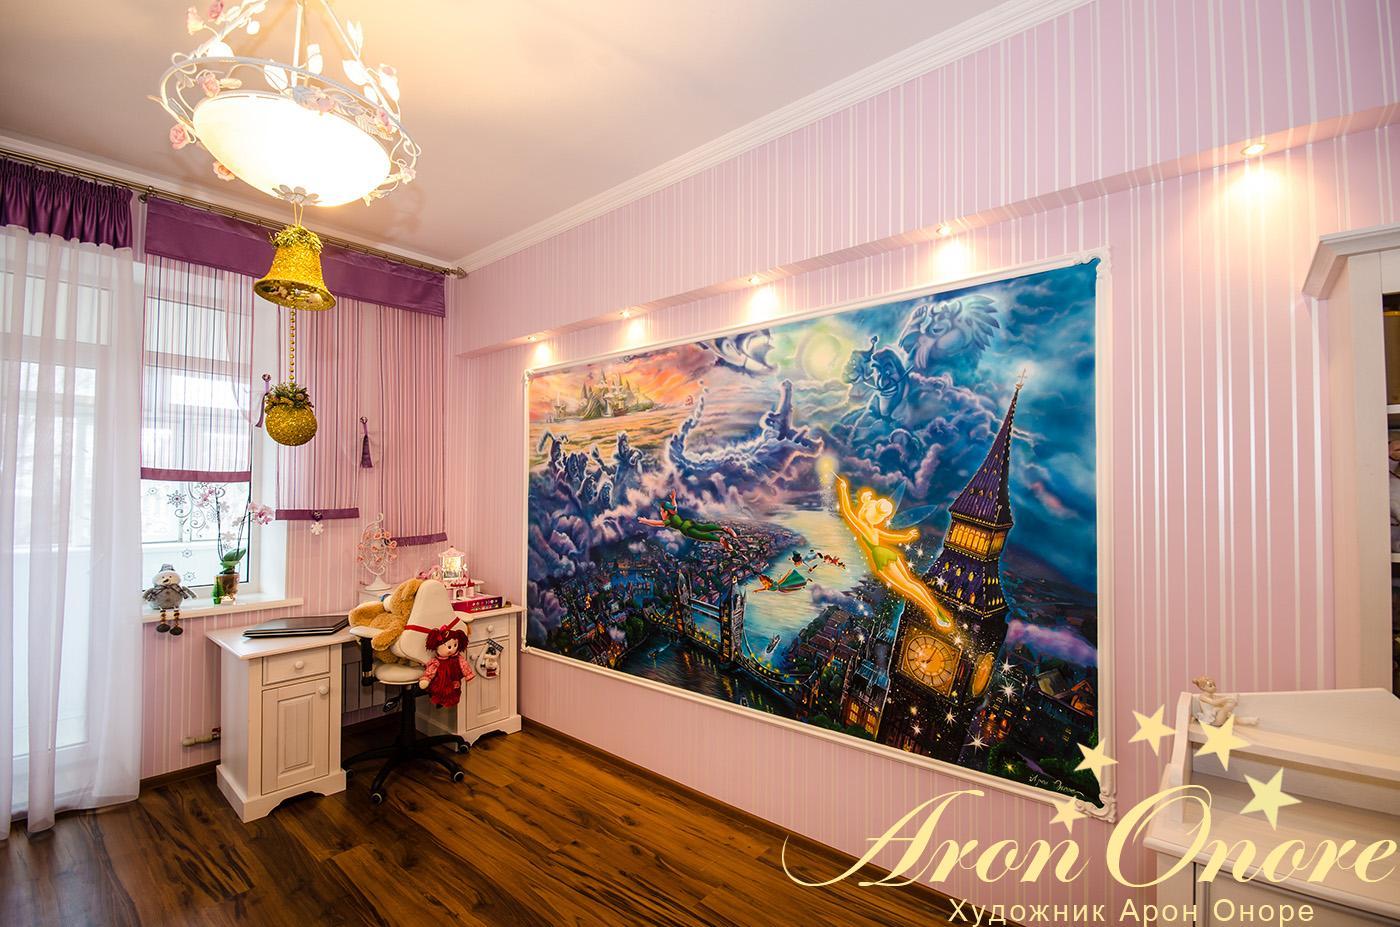 комната с лучшей фреской для интерьере на стене